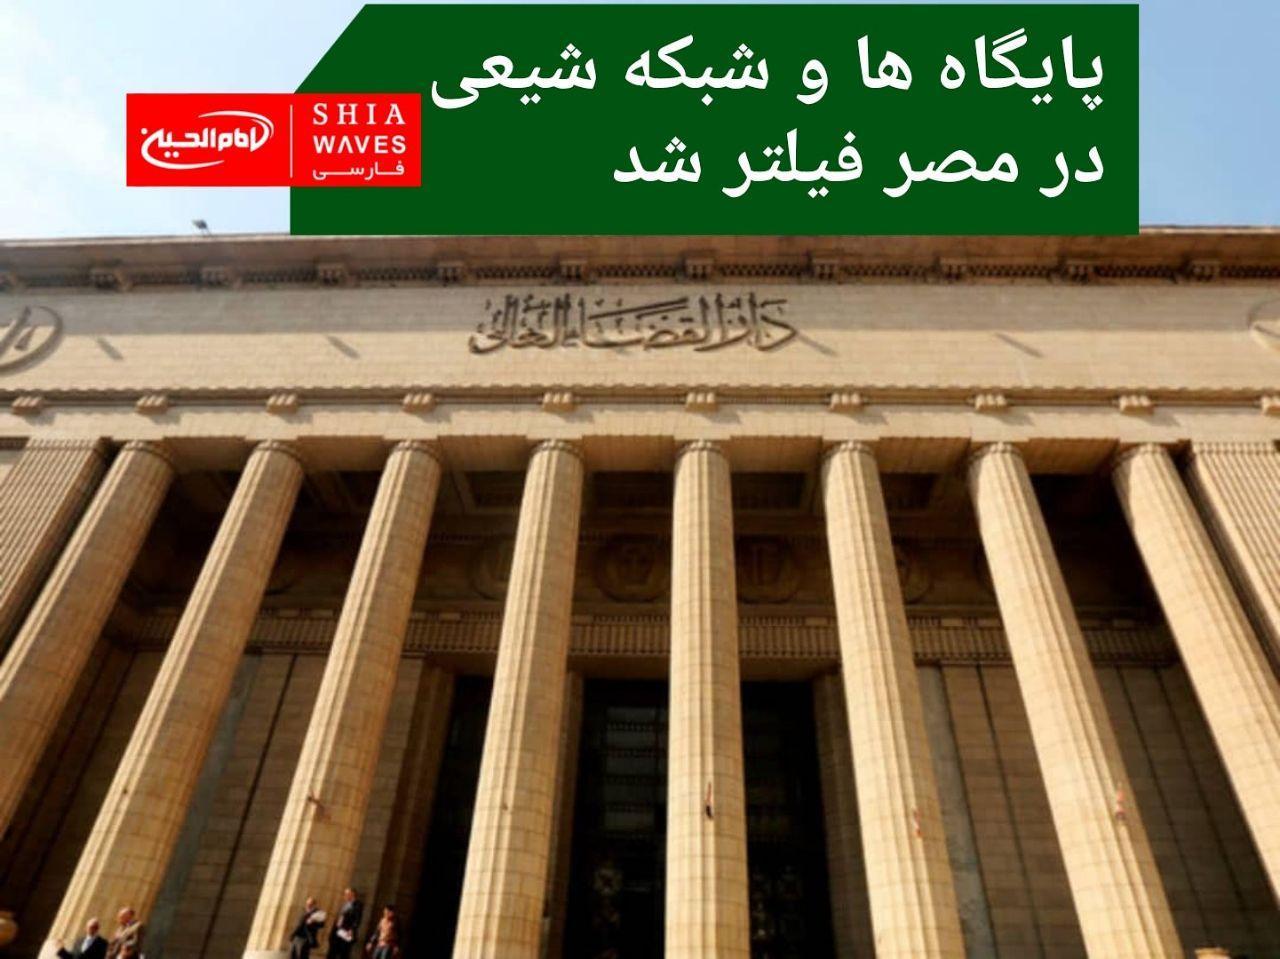 تصویر پایگاه ها و شبکه شیعی در مصر فیلتر شد